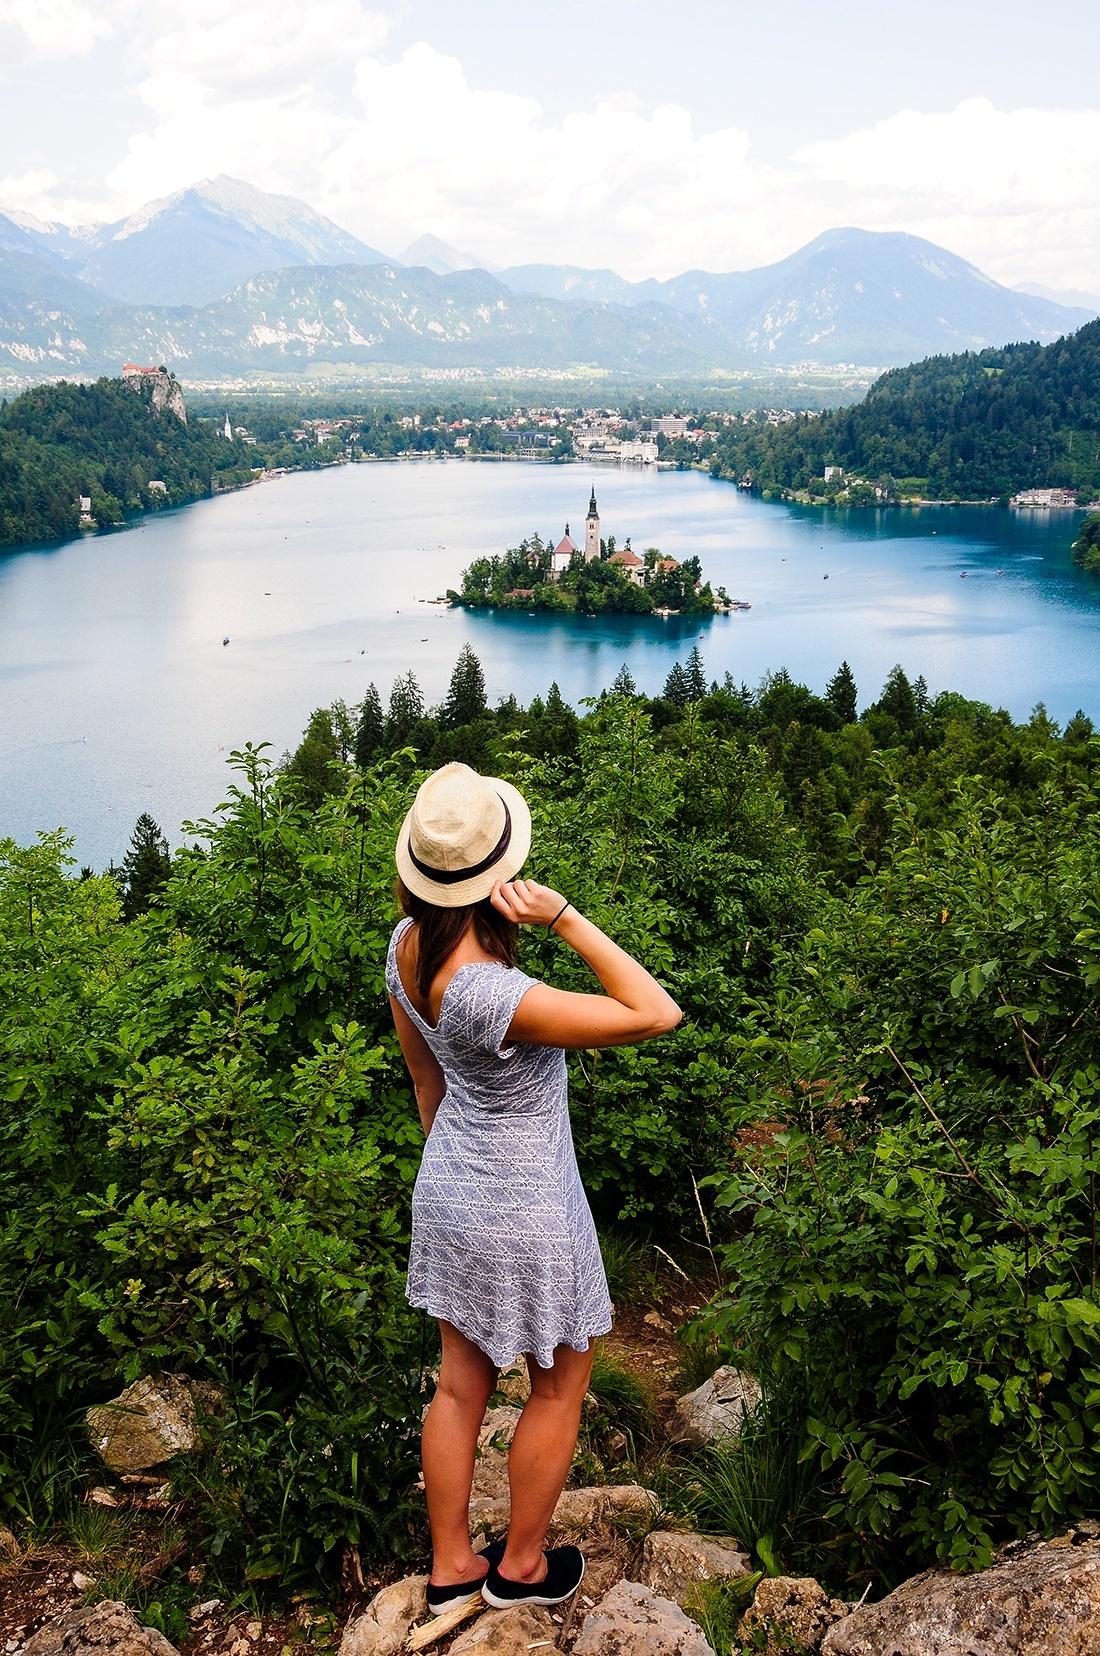 lac de bled, slovenie